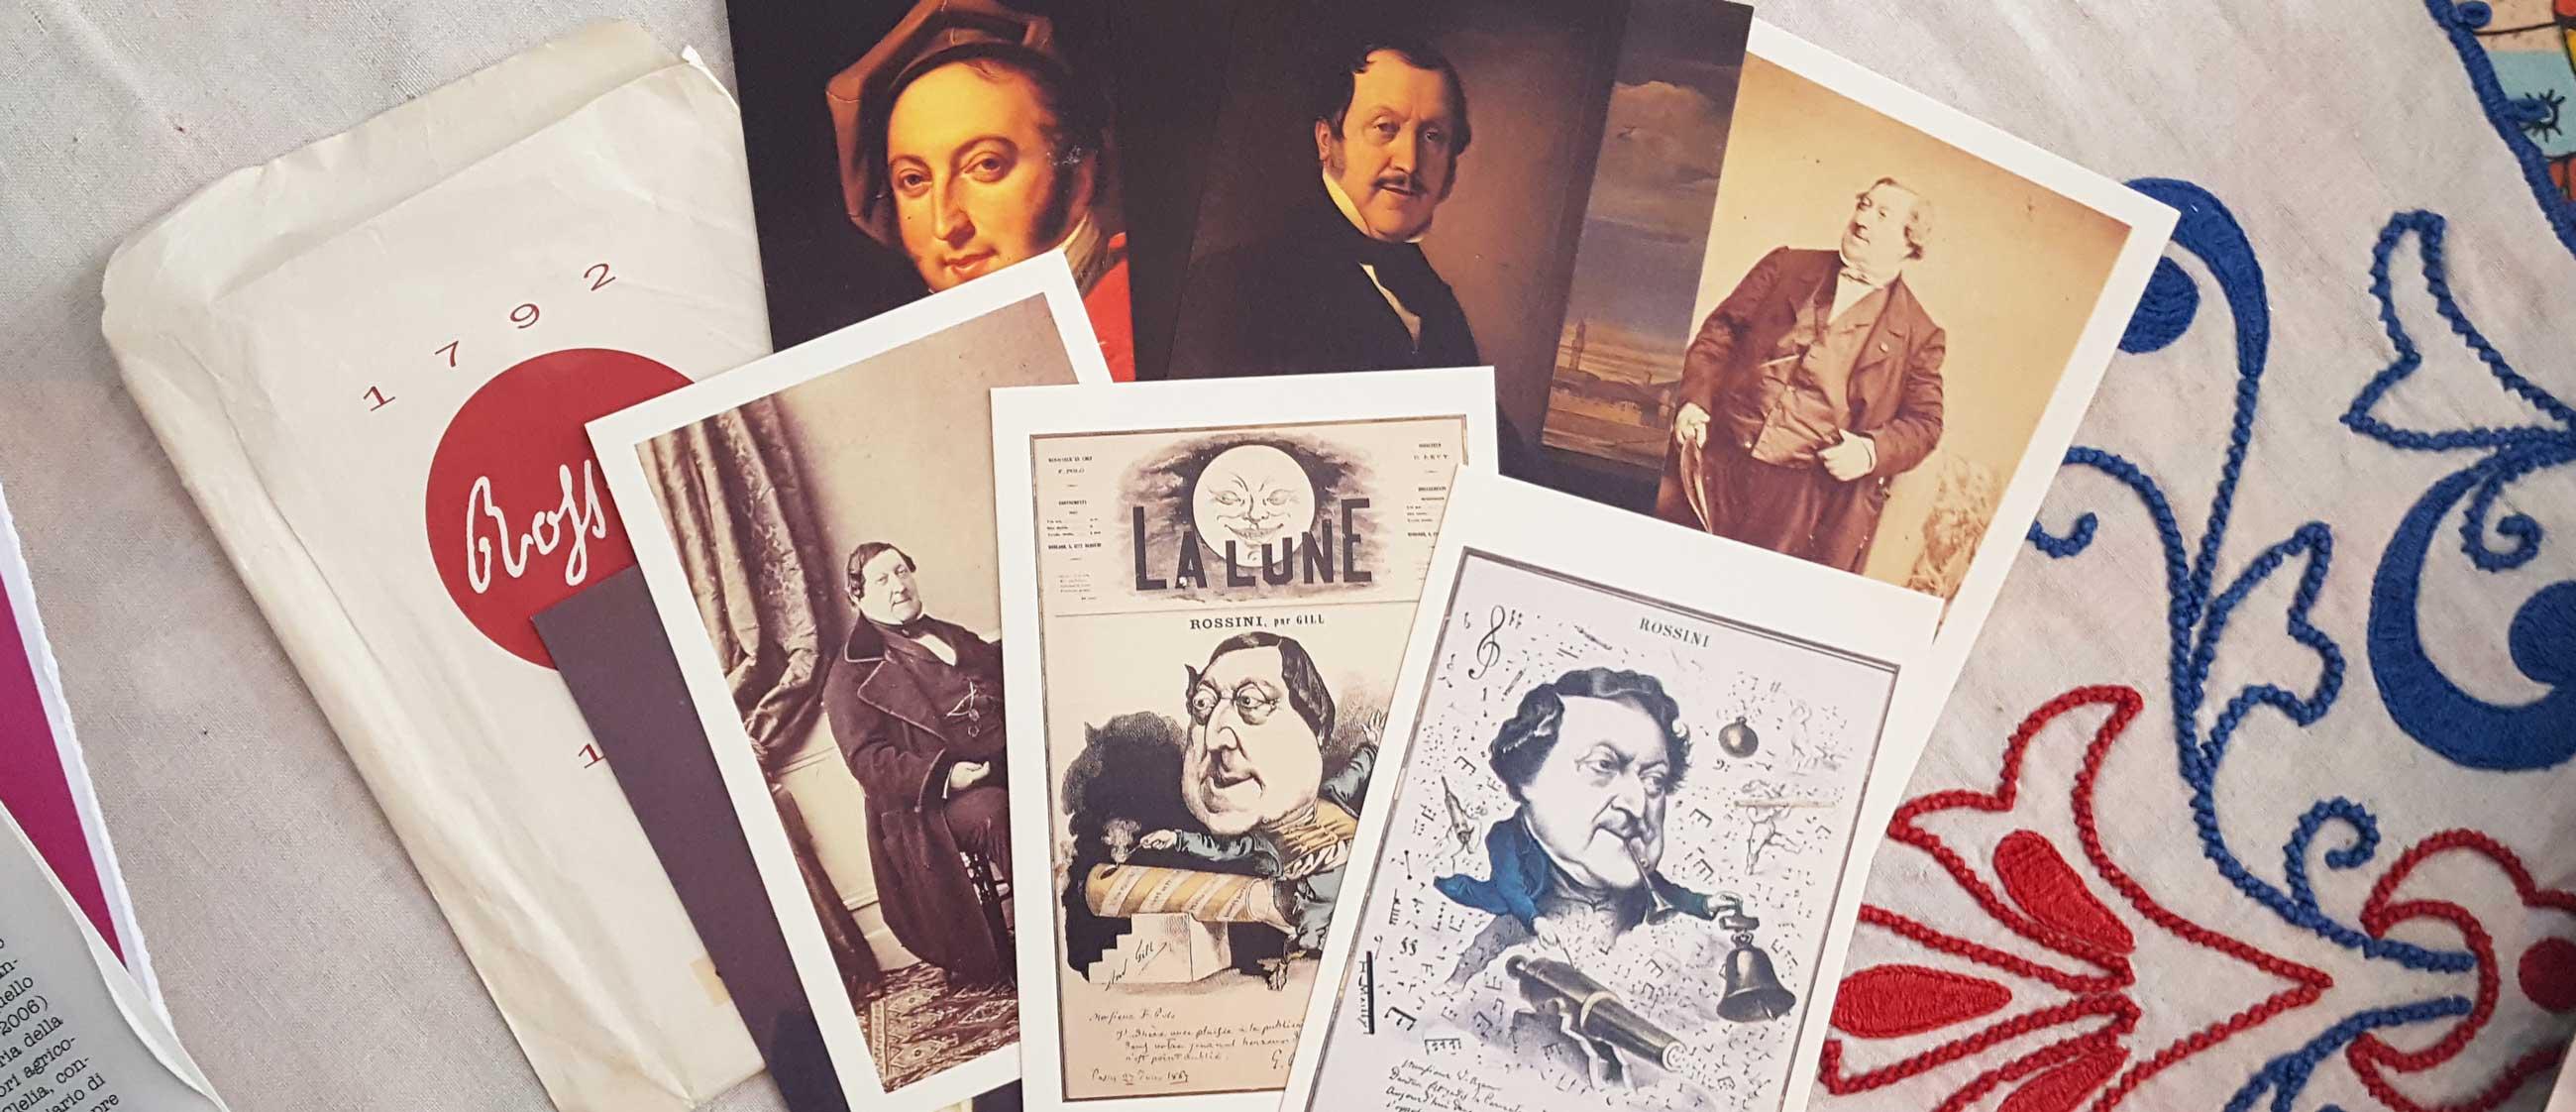 Gioachino Rossini, ritratti pubblicati in occasione del bicentenario della nascita (1792-1992), raccolta C. Ortolani, Pesaro